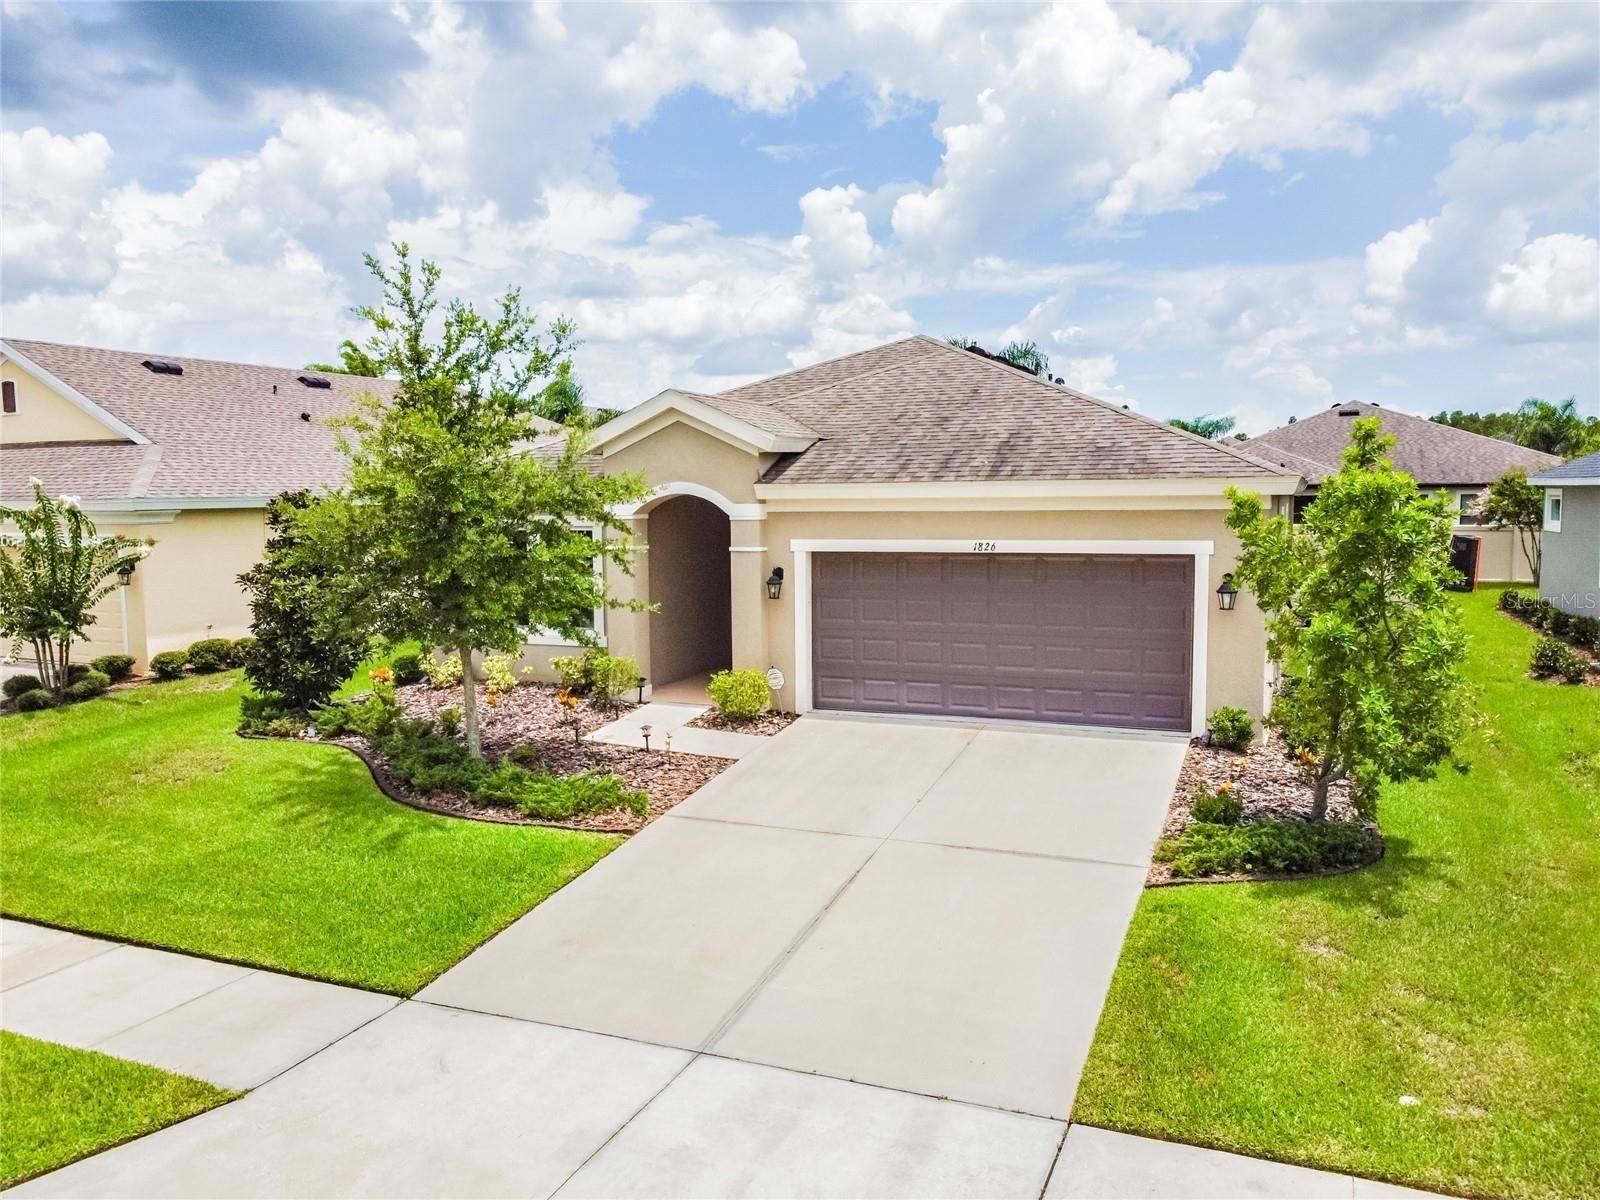 1826 TALLULAH TERRACE, Wesley Chapel, FL 33543 - MLS#: W7836129